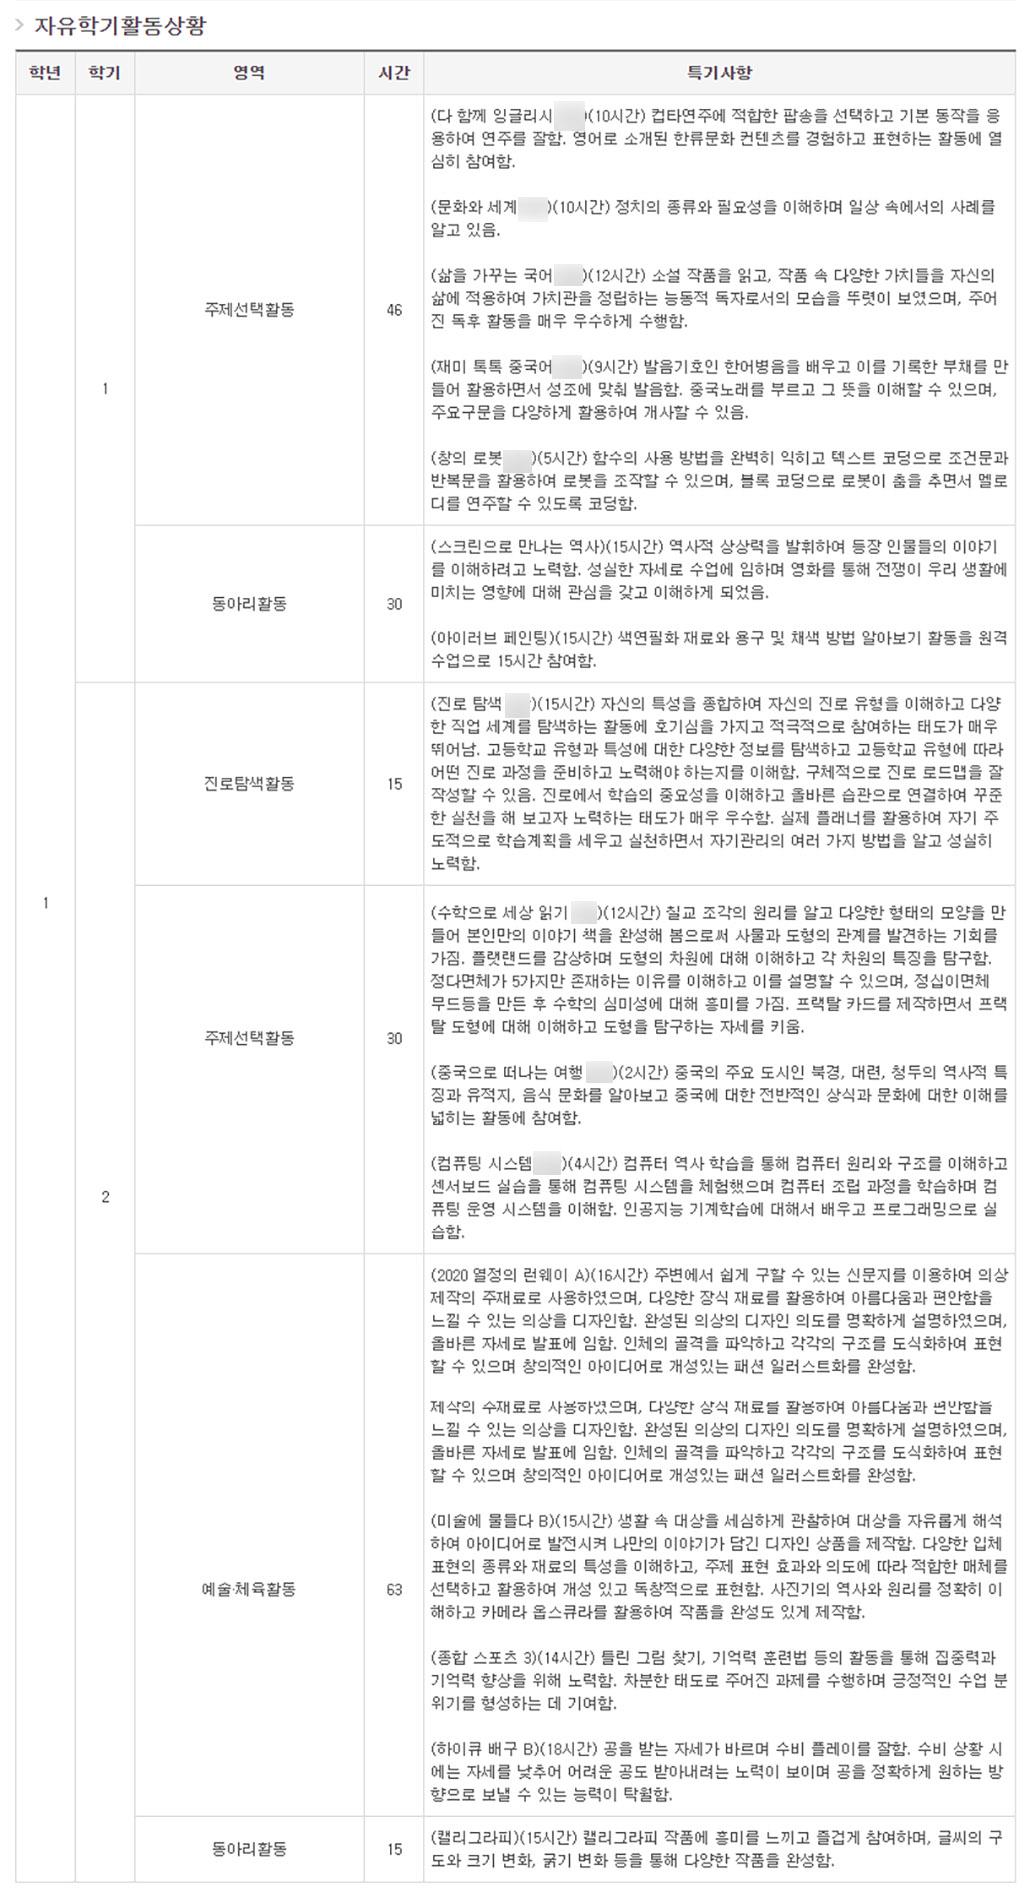 생기부 자유학기활동상황.jpg